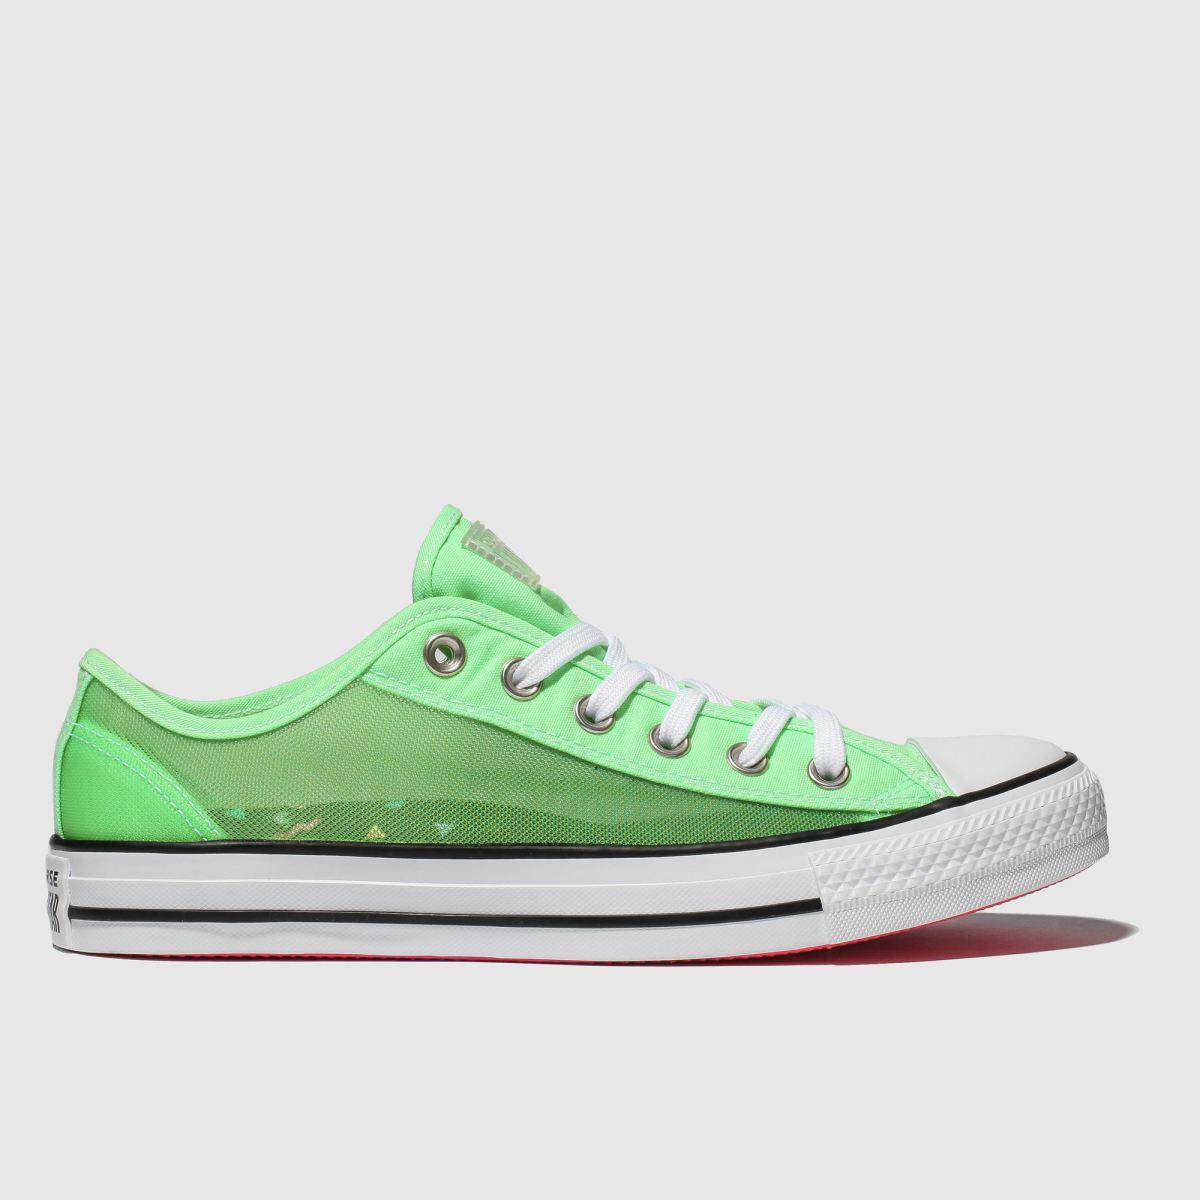 on sale ac985 0e57b Damen converse Grün All Star See-through Ox Sneaker